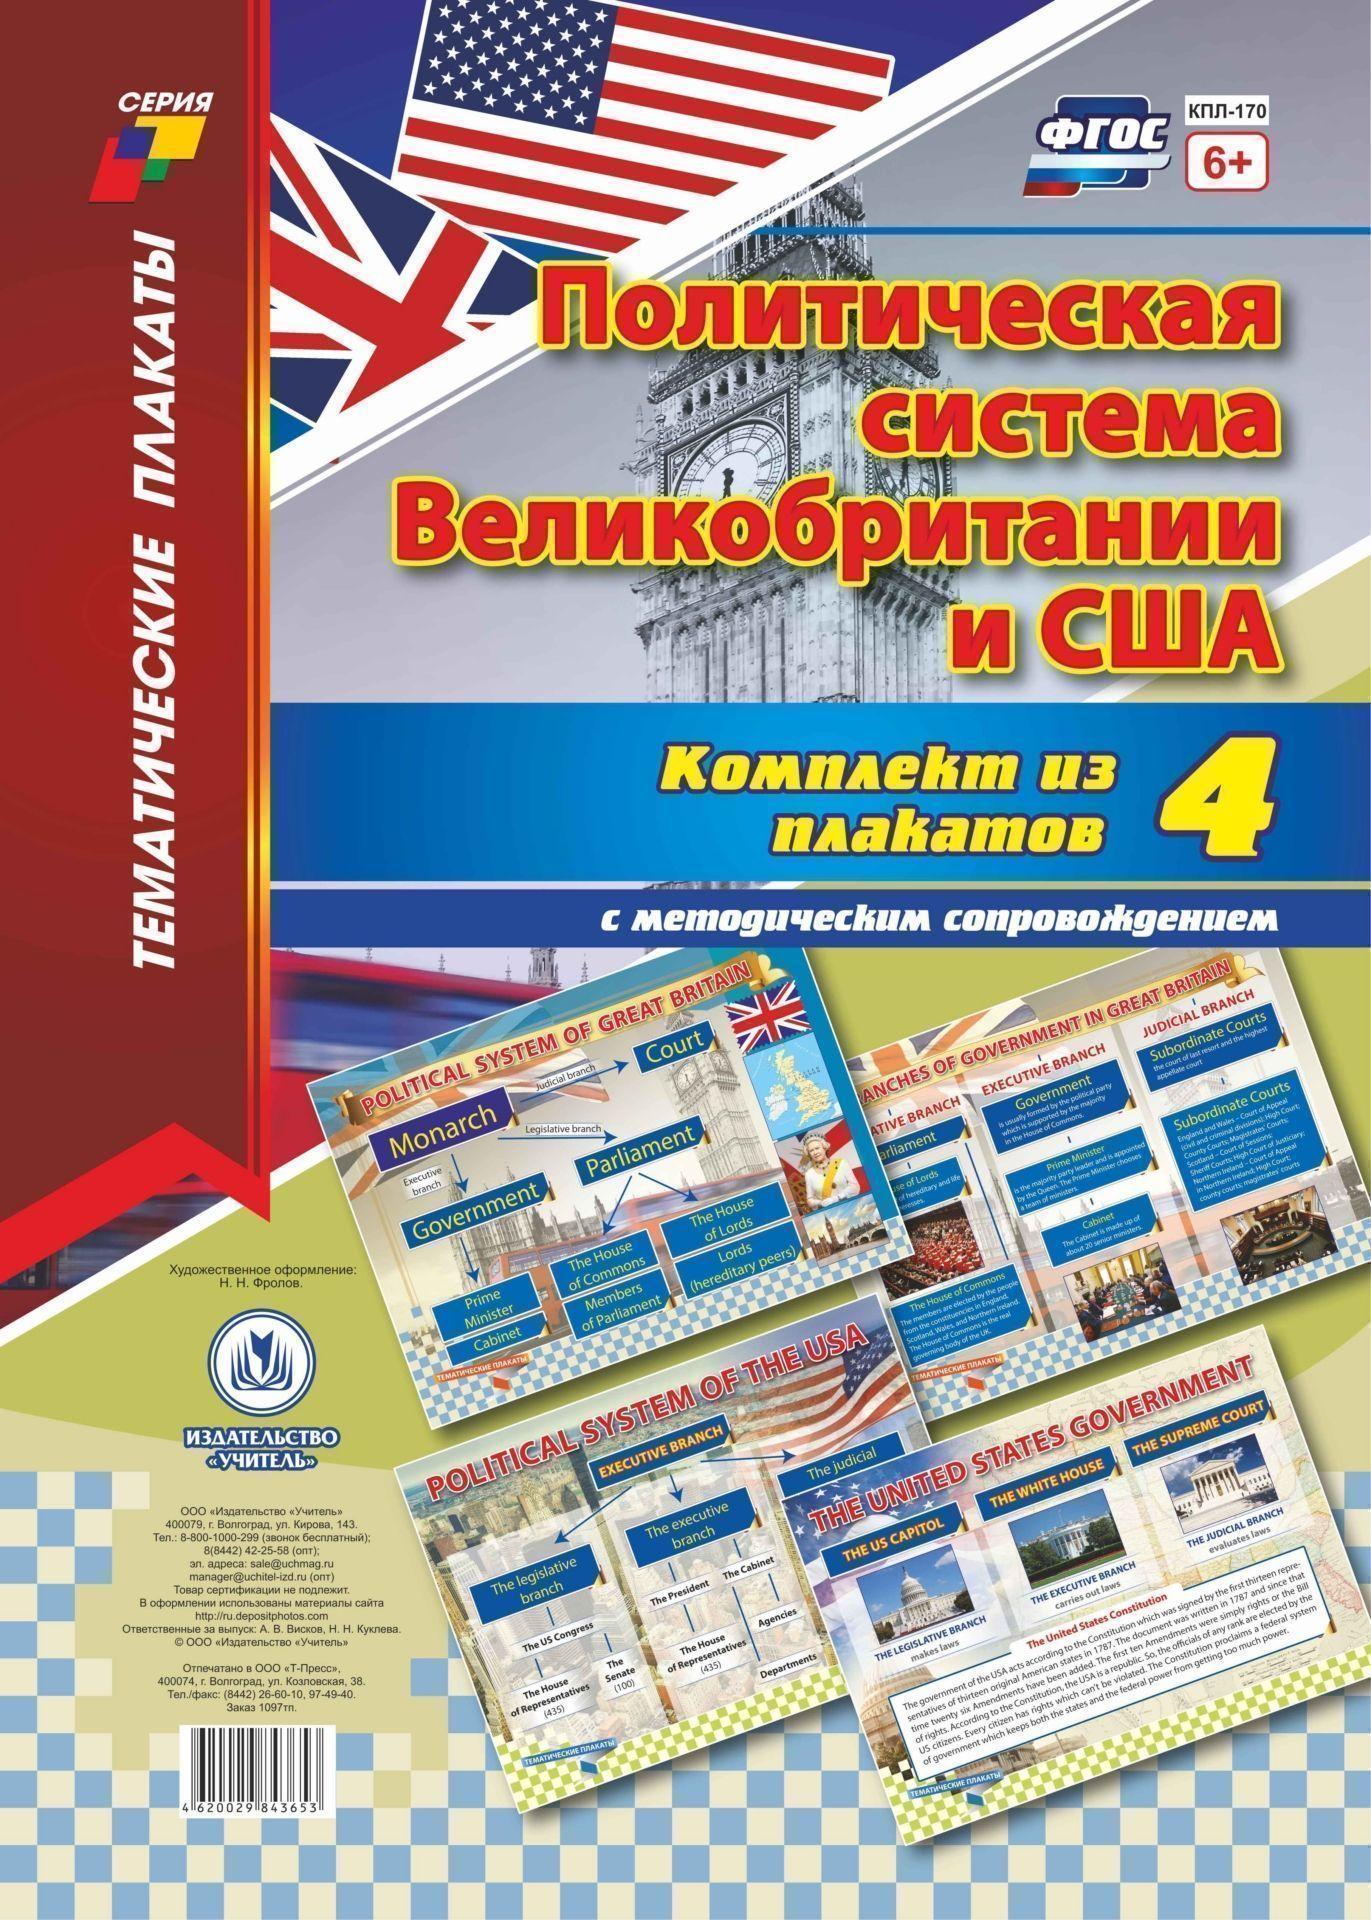 Комплект плакатов Политическая система Великобритании и США: 4 плаката с методическим сопровождением